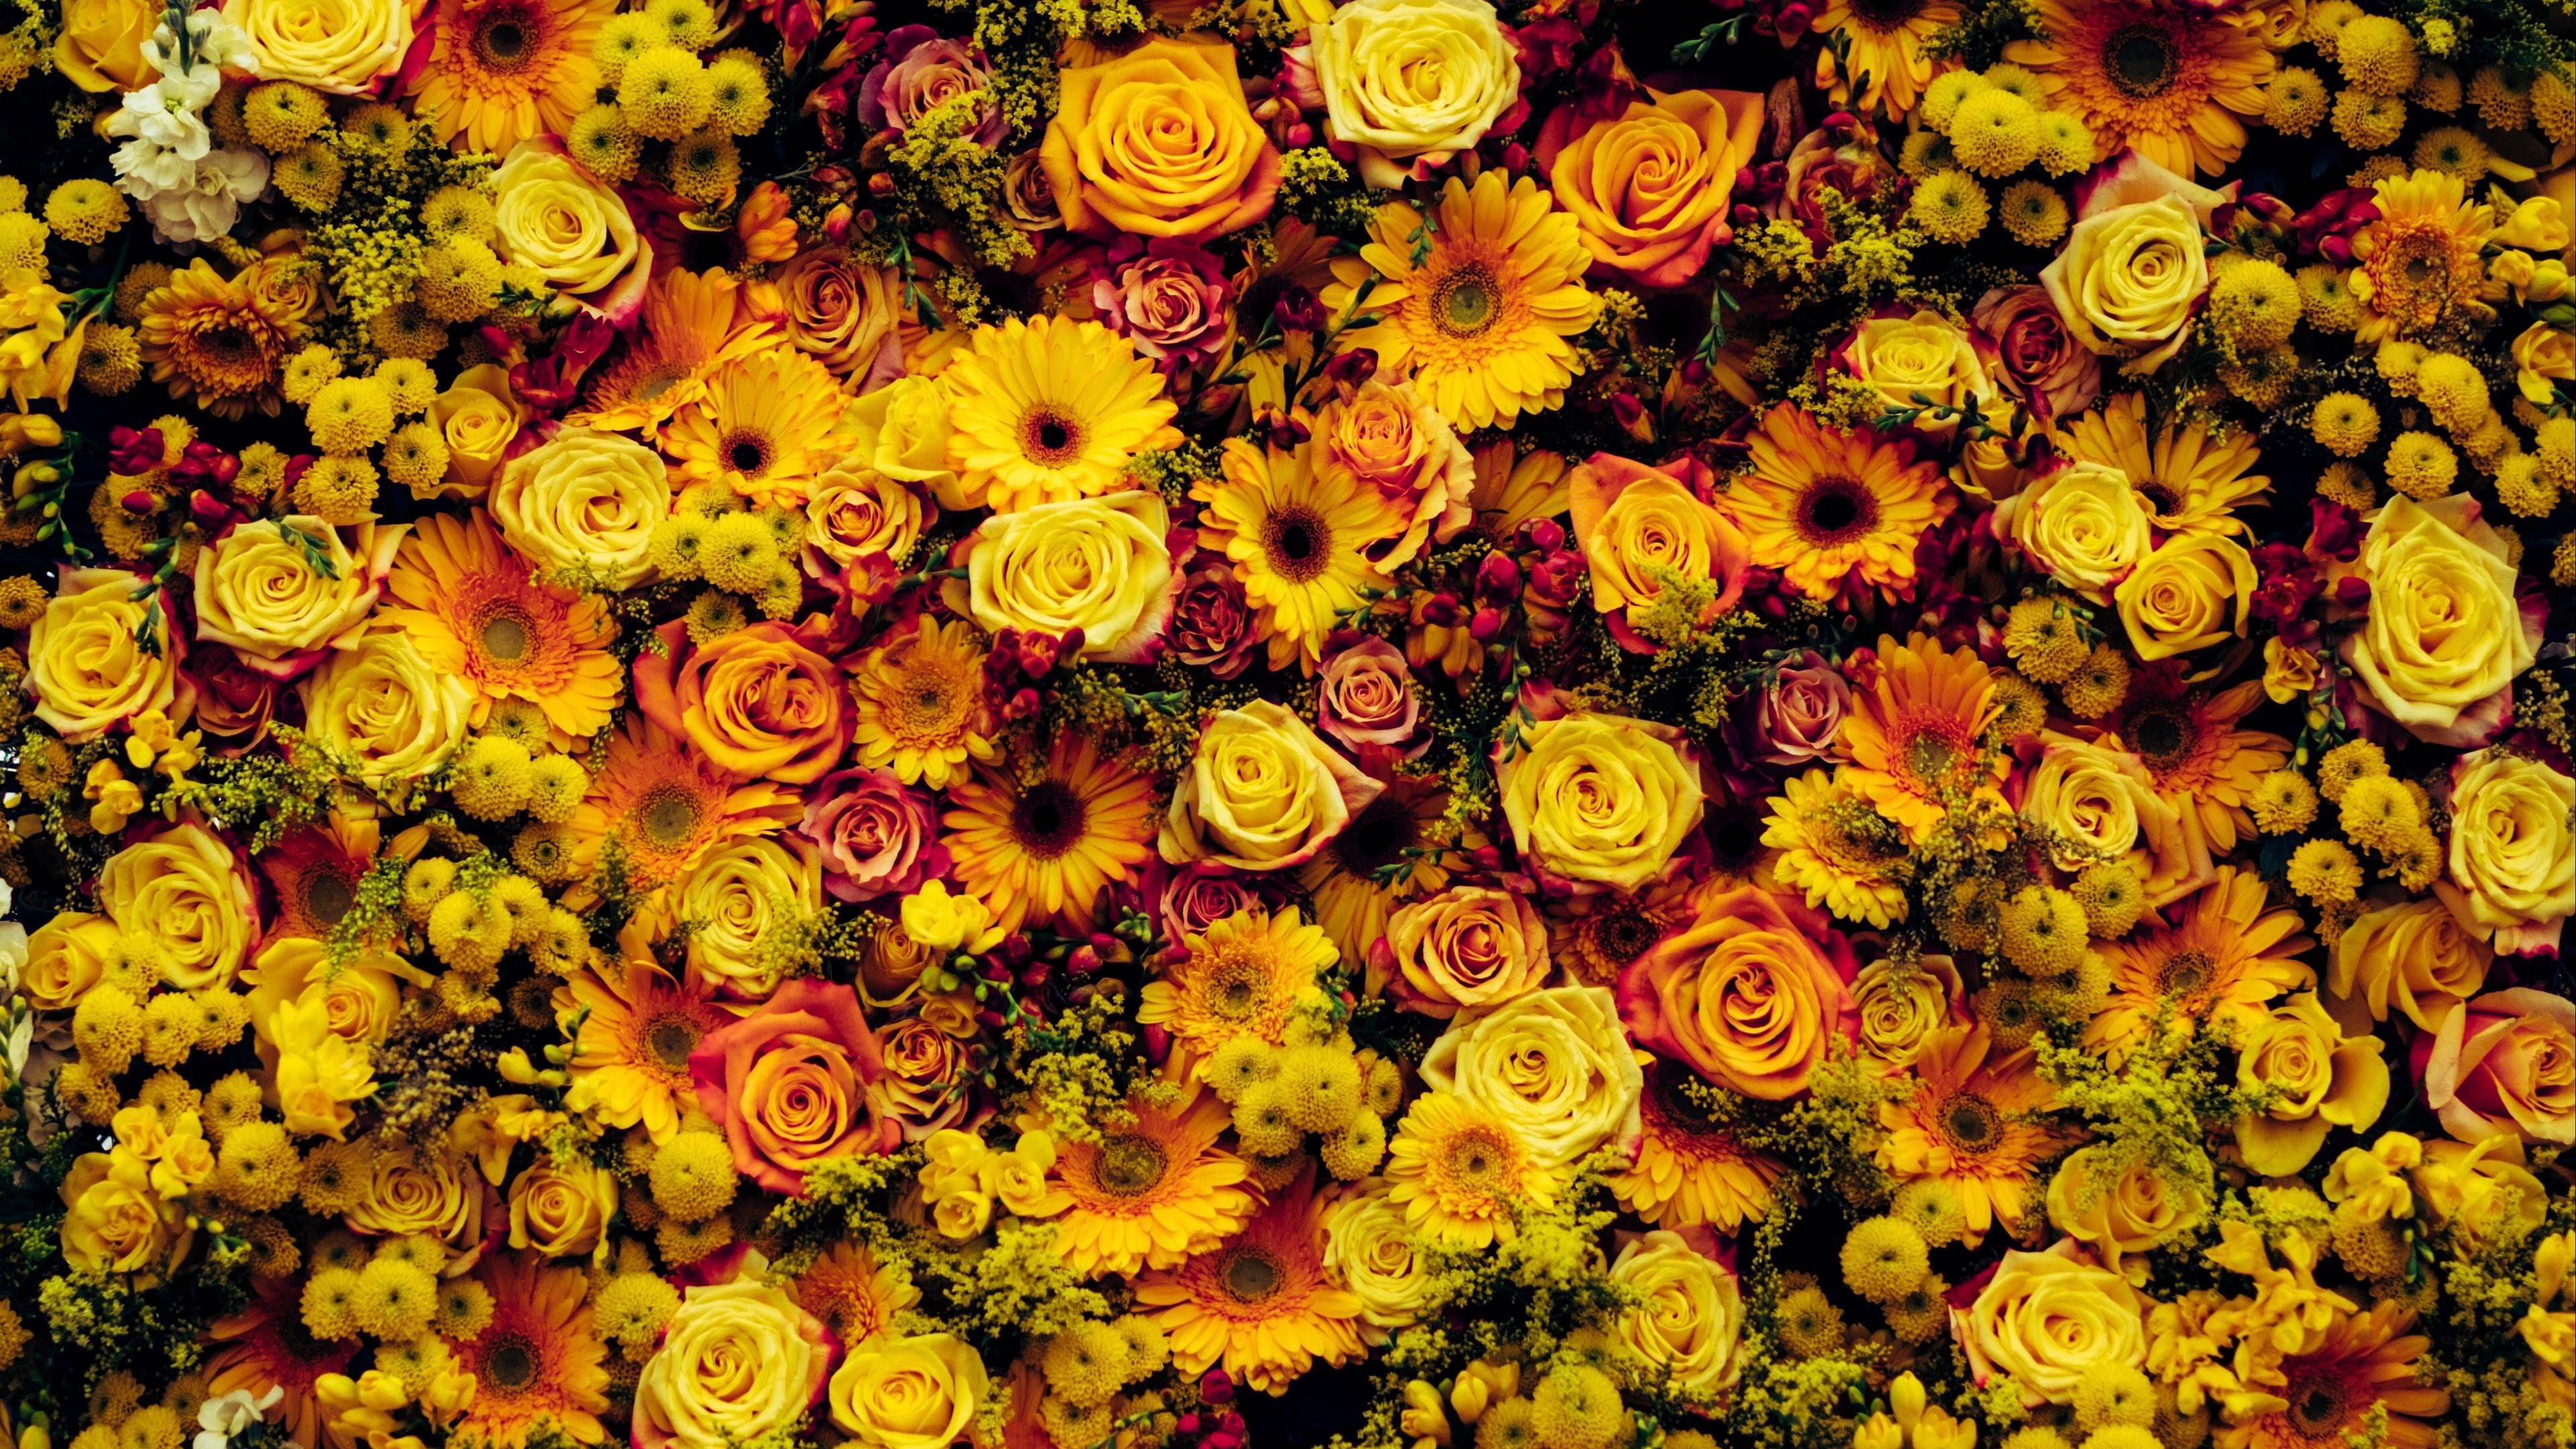 flowers composition floral carpet 4k 1540064910 - flowers, composition, floral carpet 4k - Flowers, floral carpet, composition